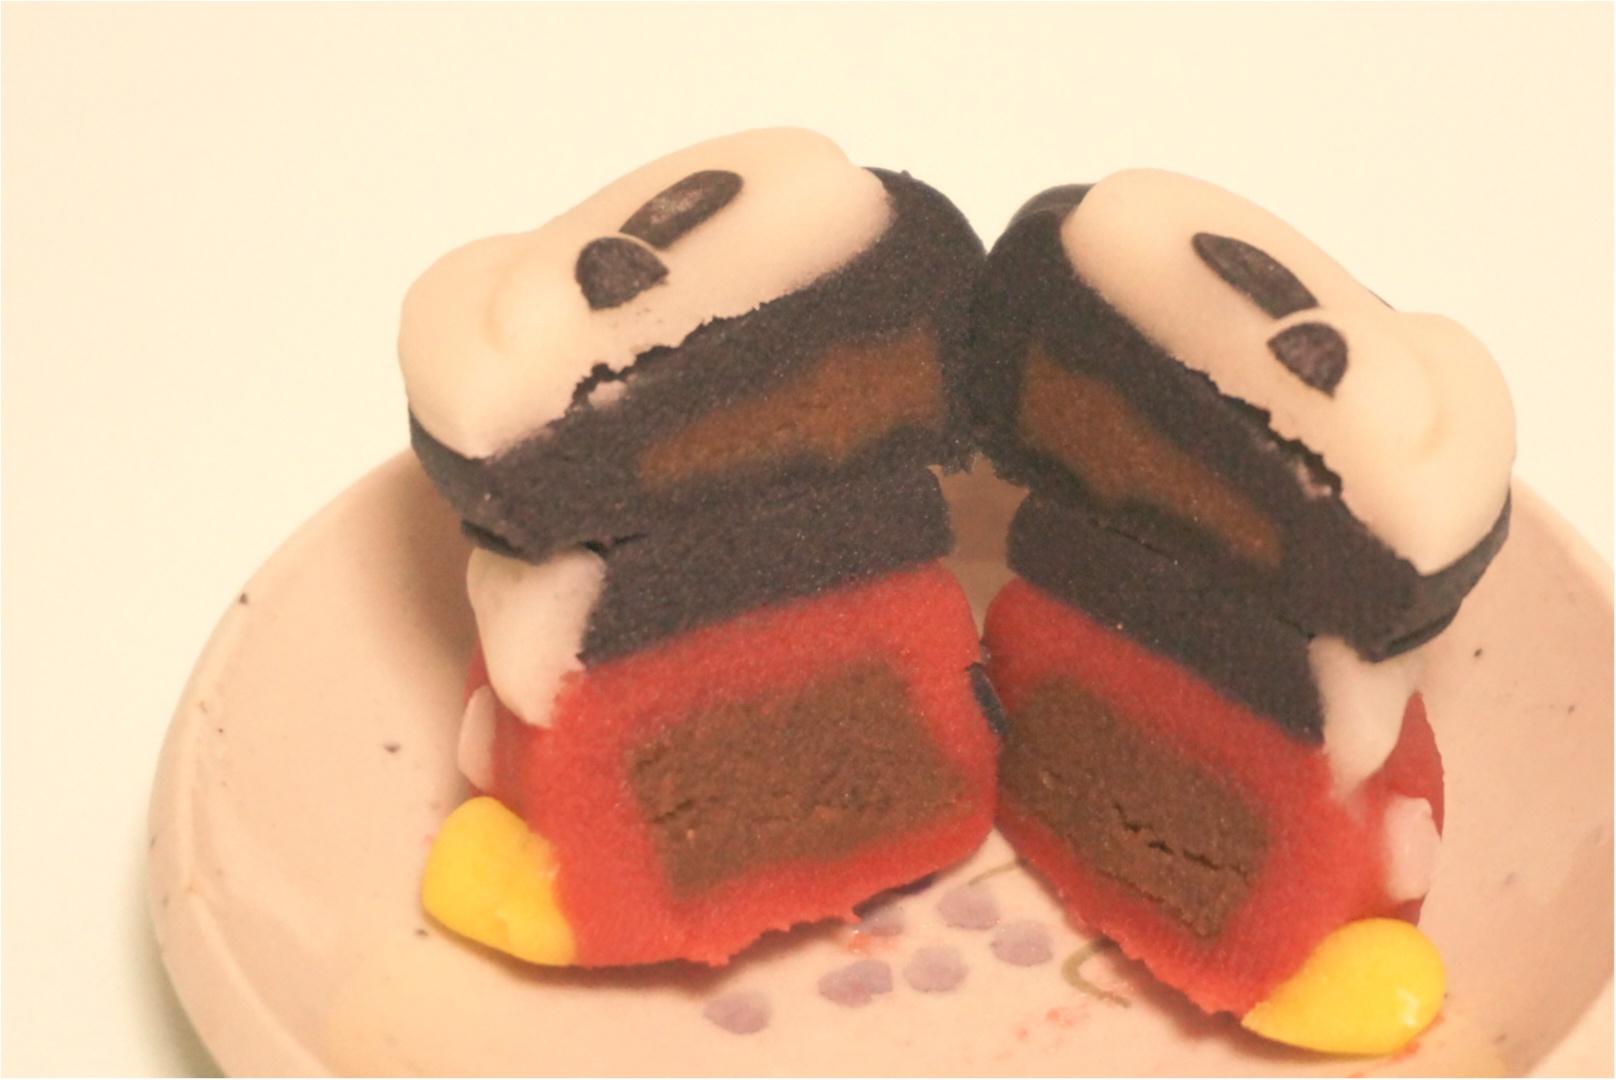 【3日間限定‼︎】ミッキーとミニーが可愛い和菓子に大変身( ´艸`)♡セブンで3日間だけ限定発売✨_3